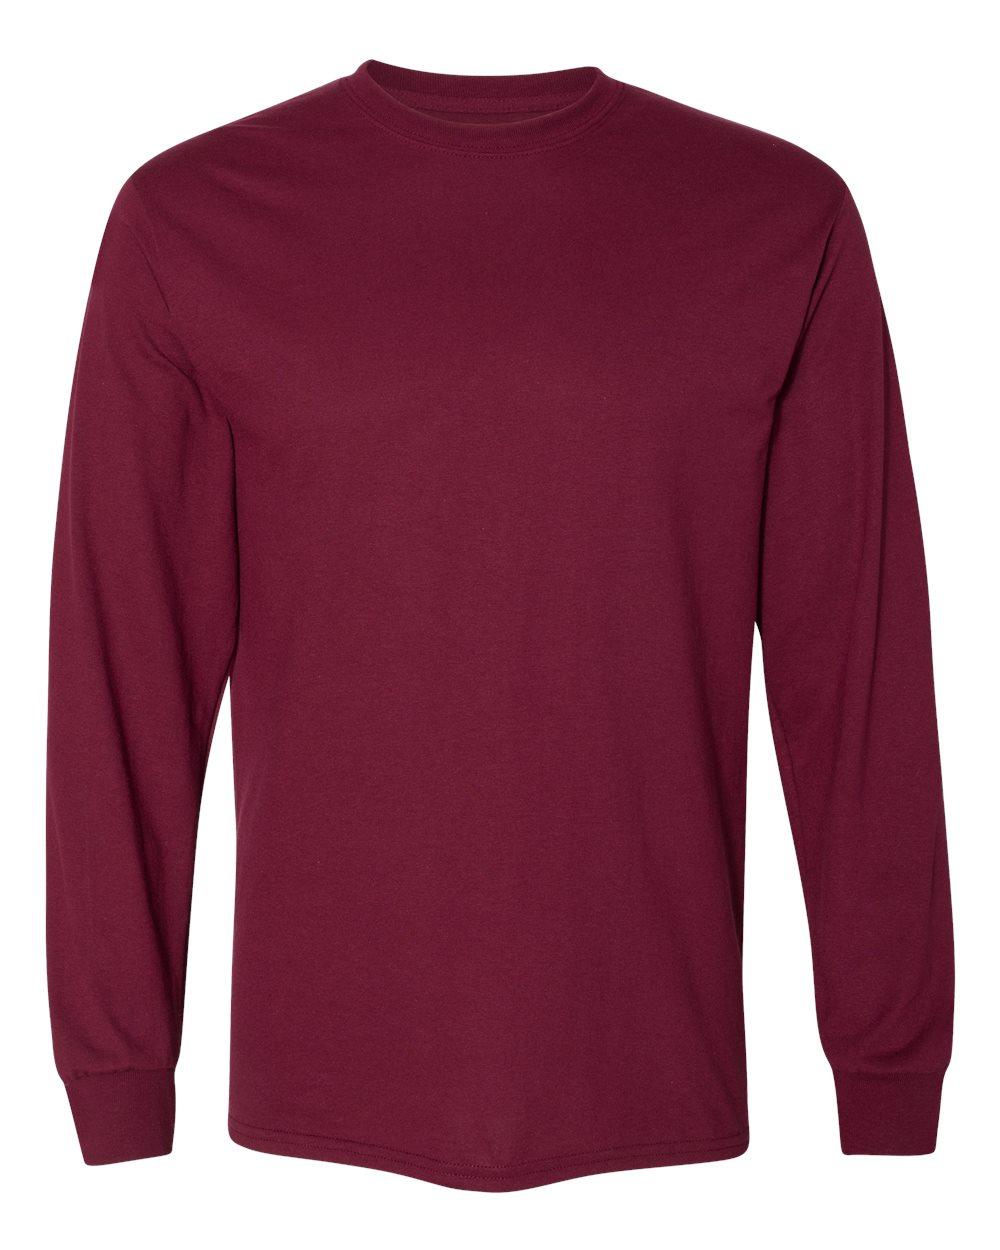 Gildan-Mens-Blank-DryBlend-50-50-Cotton-Long-Sleeve-T-Shirt-8400-up-to-3XL miniature 24